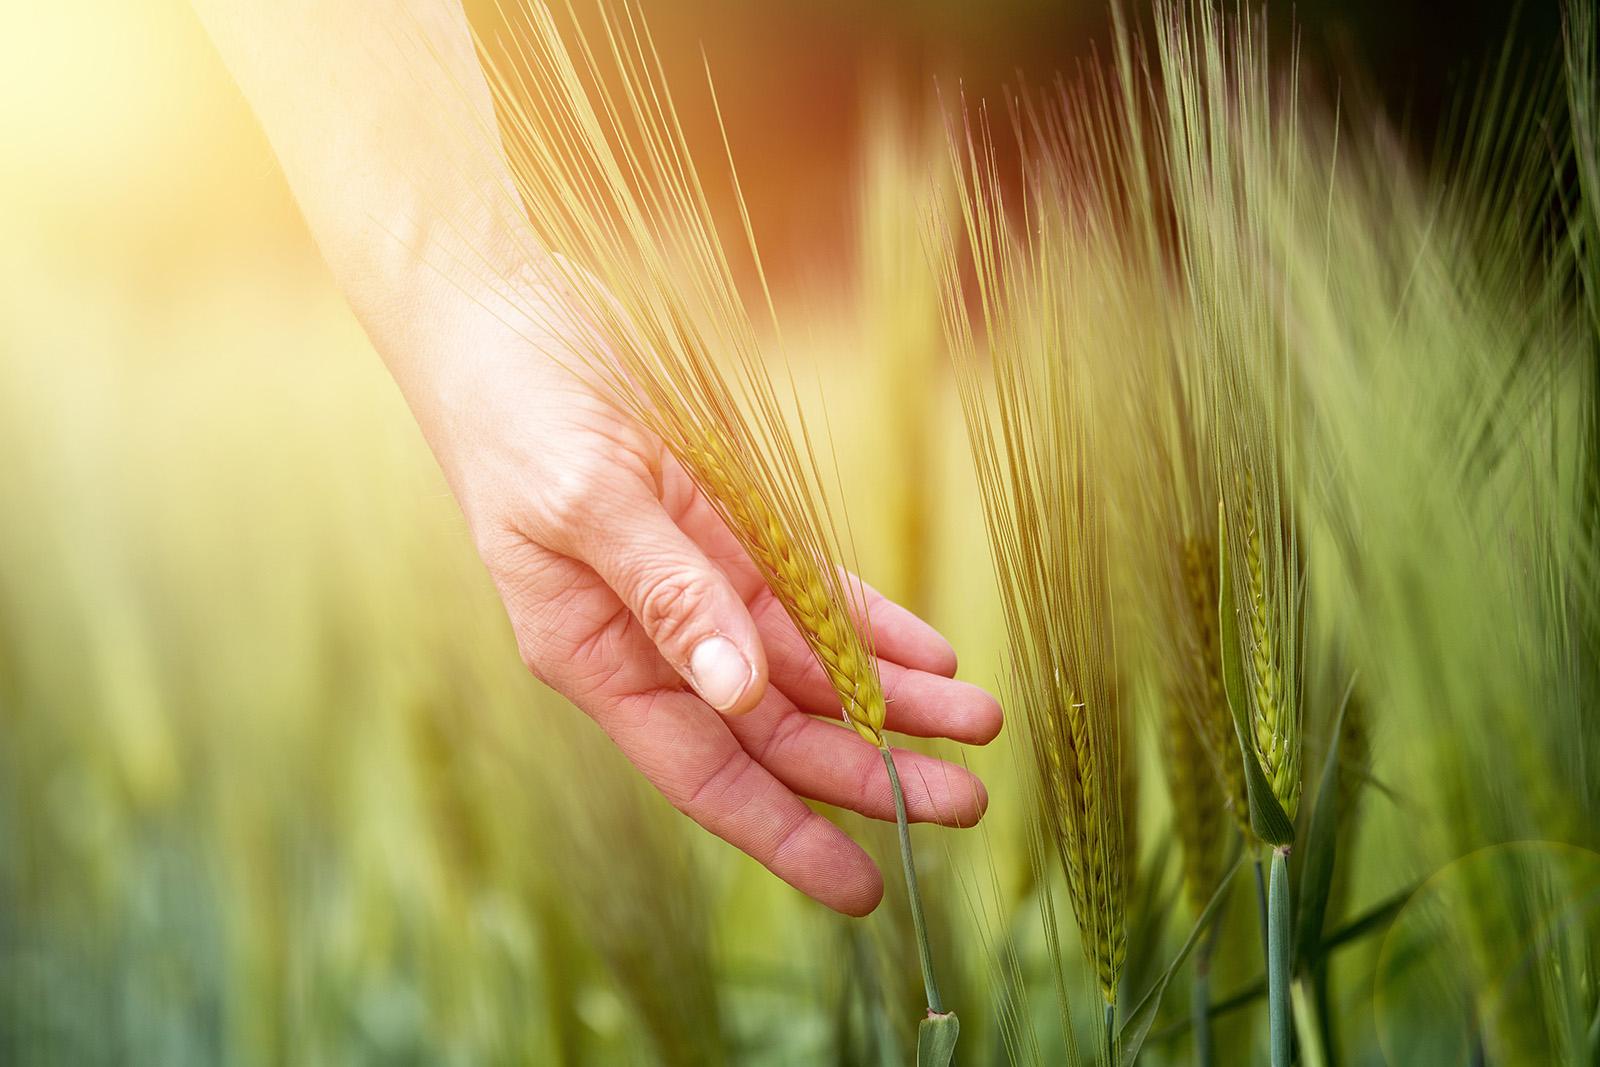 Människohand i kornfält